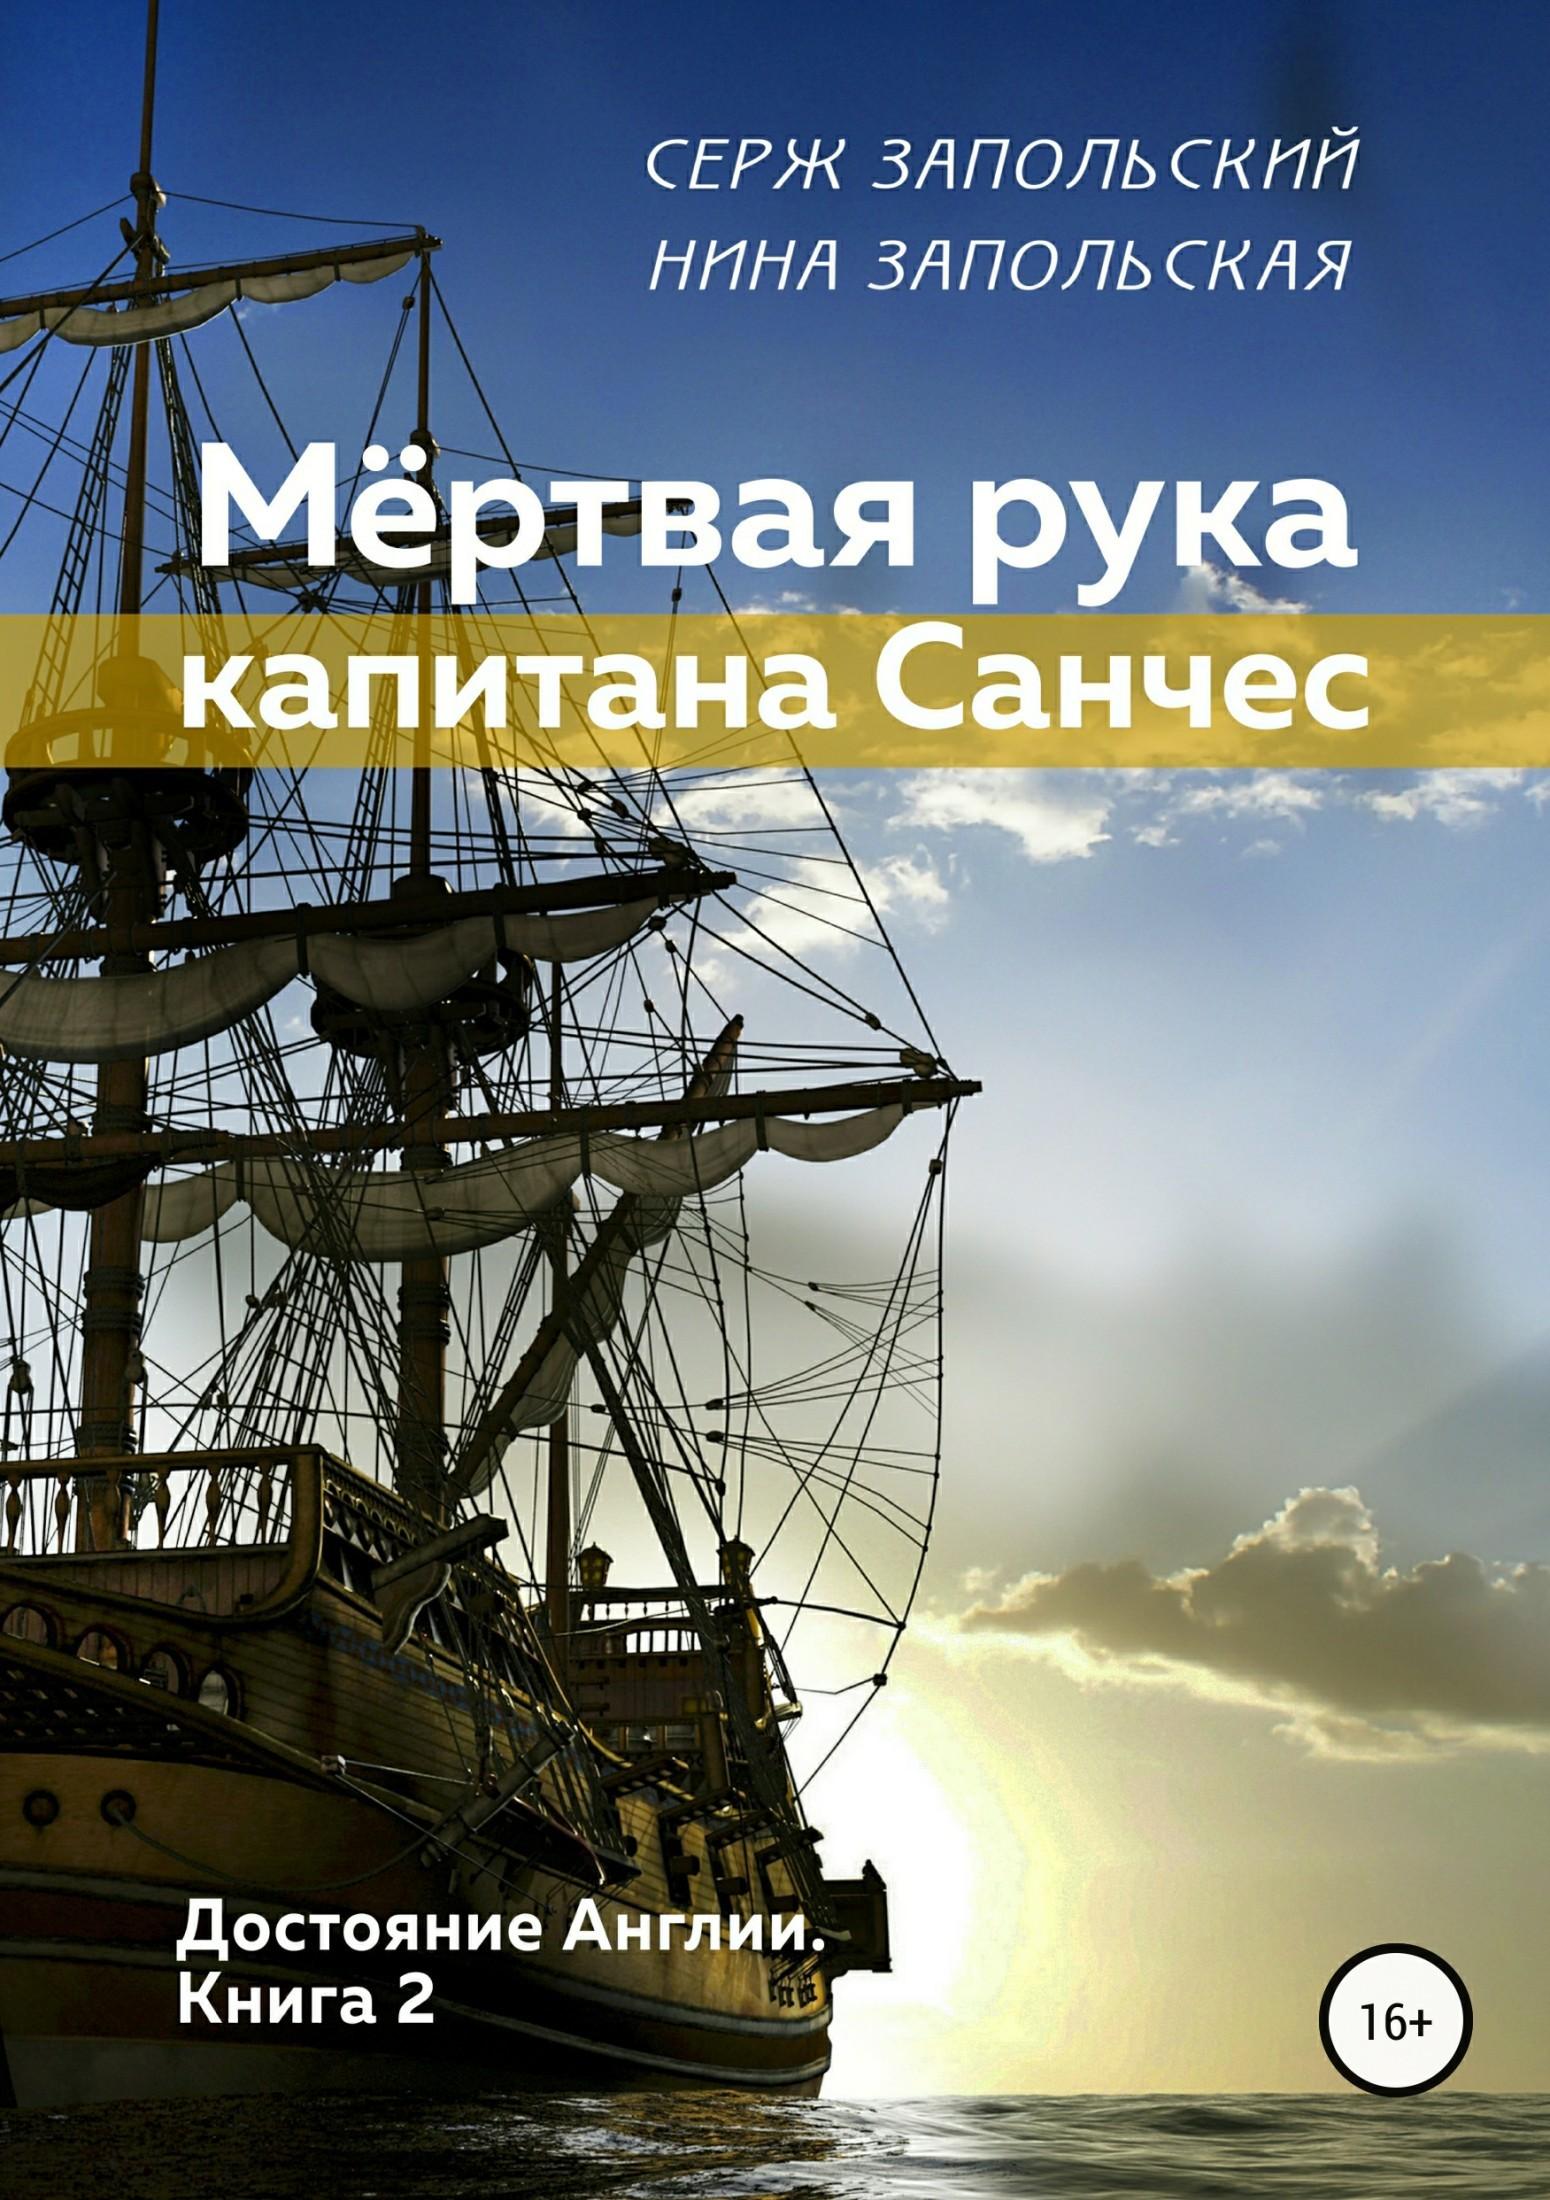 Нина Запольская. Мёртвая рука капитана Санчес